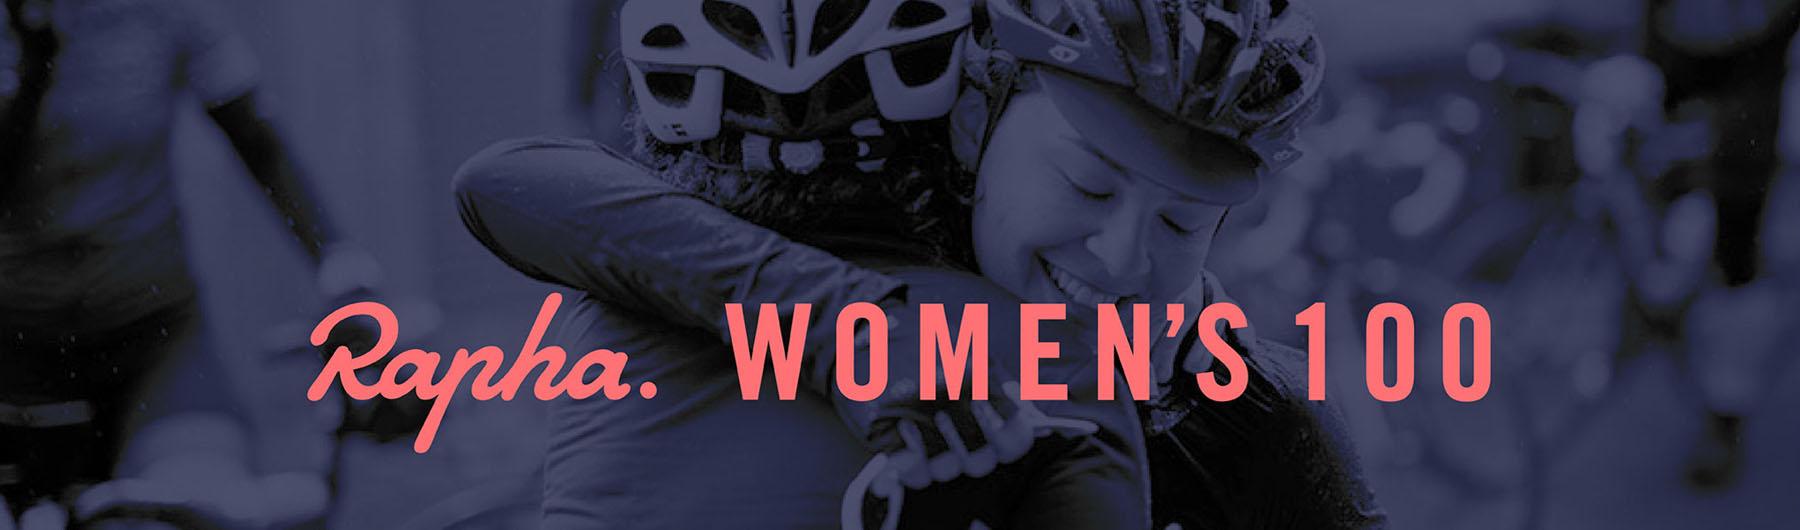 Women's 100 - Aveiro